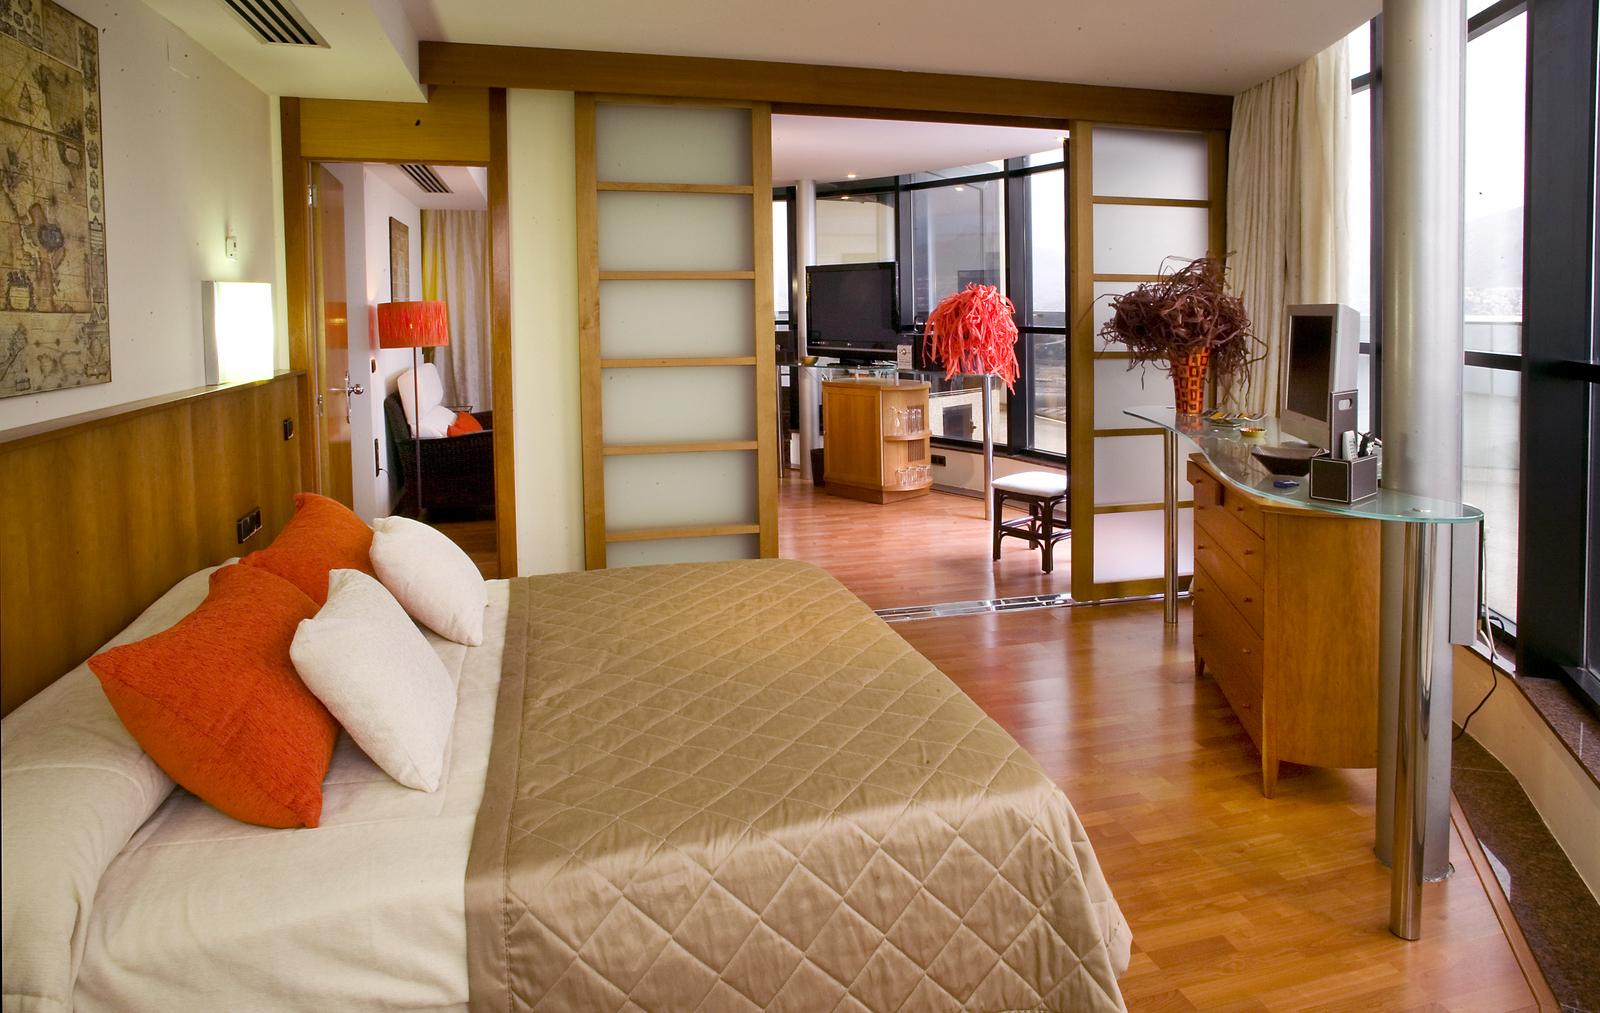 Коста бланка отель бали ютуб